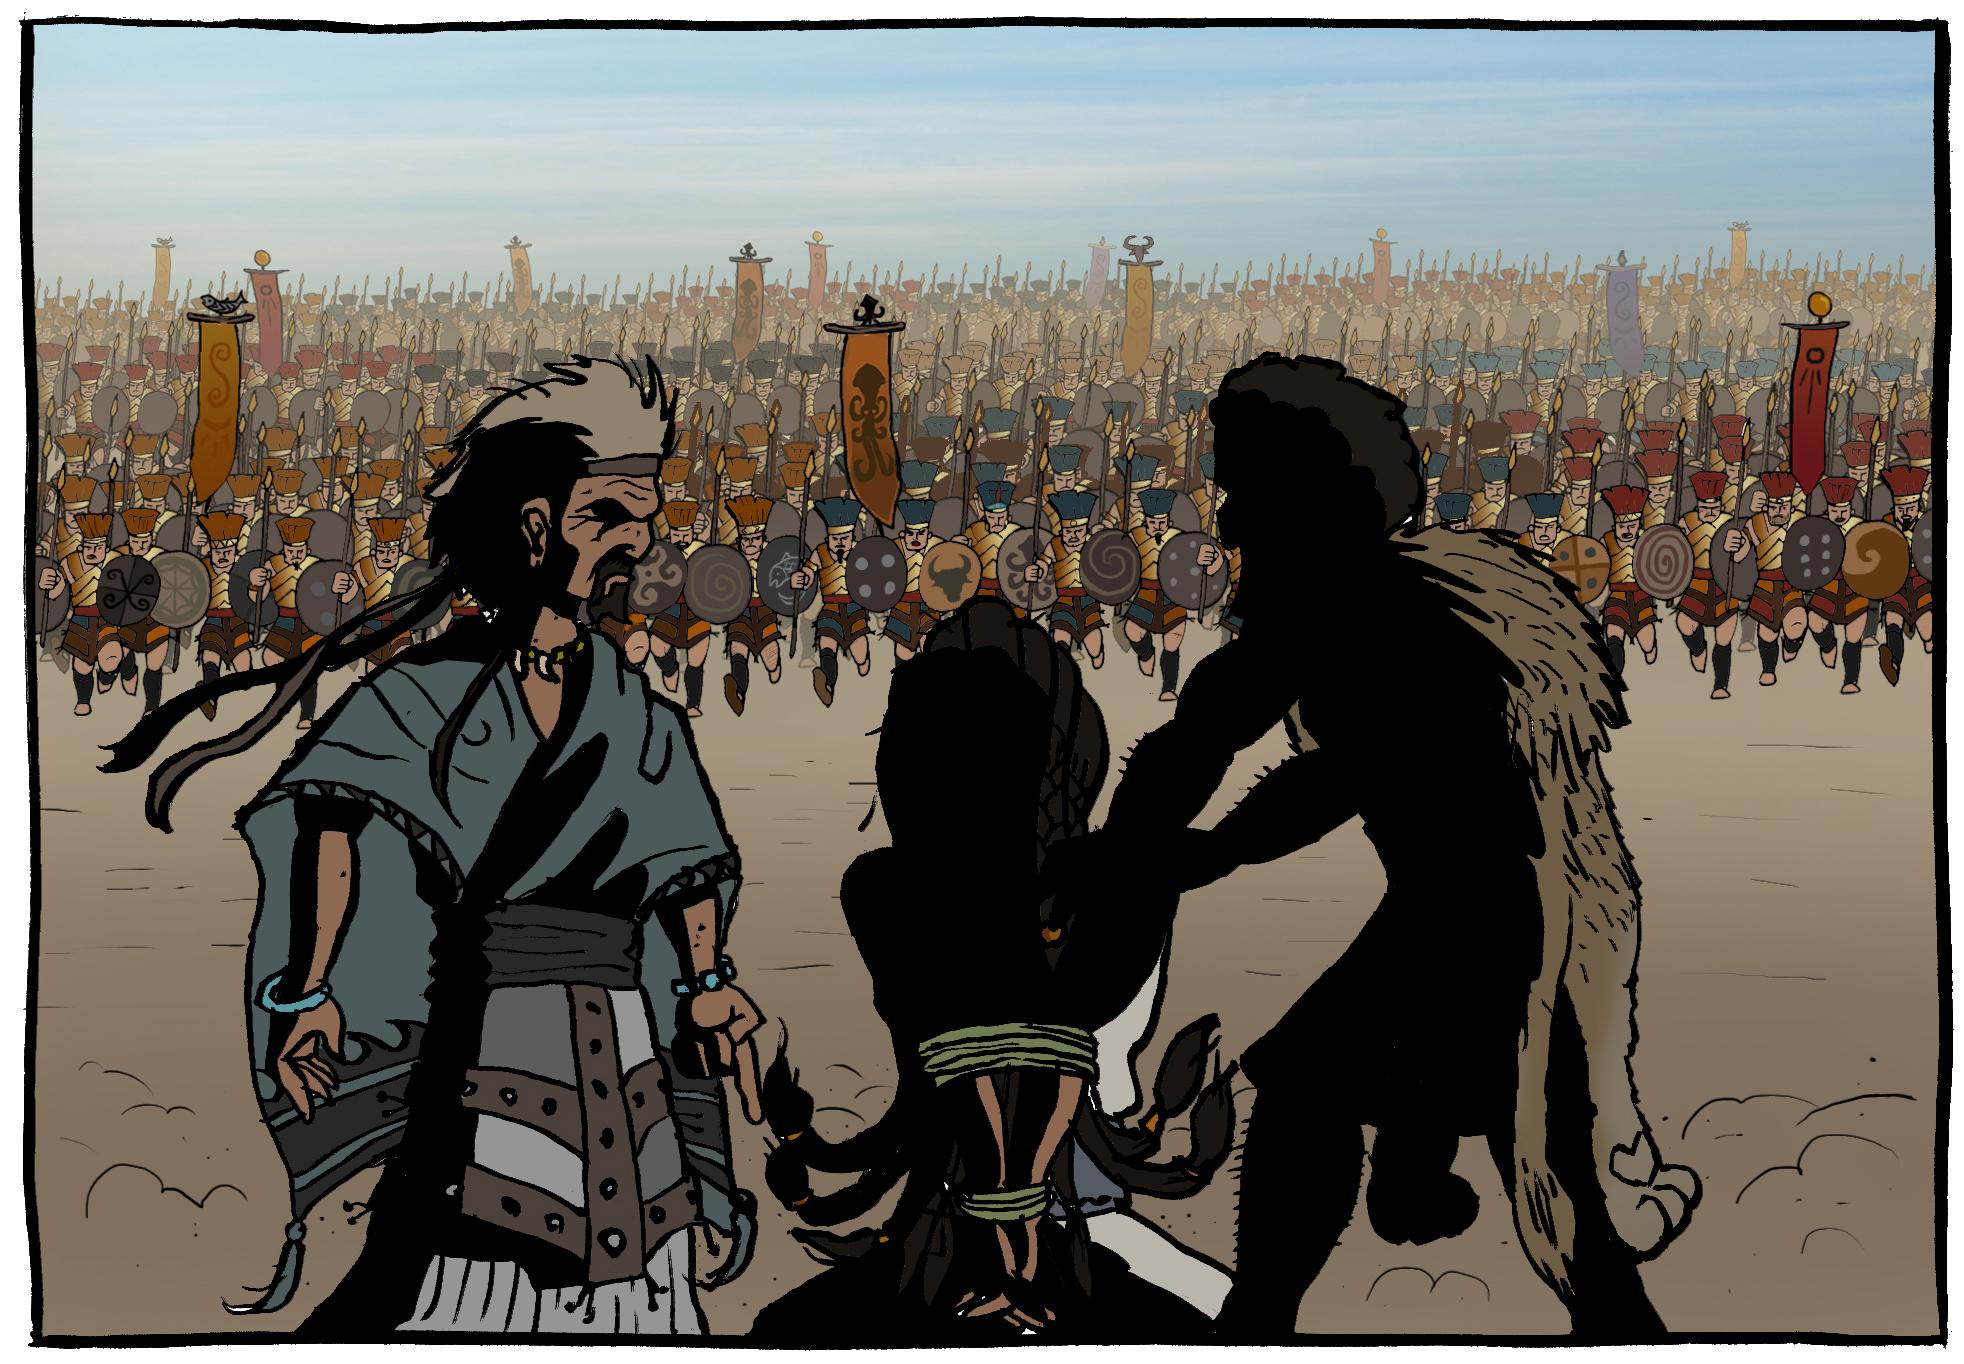 Samson against a thousand 1000 Philistines